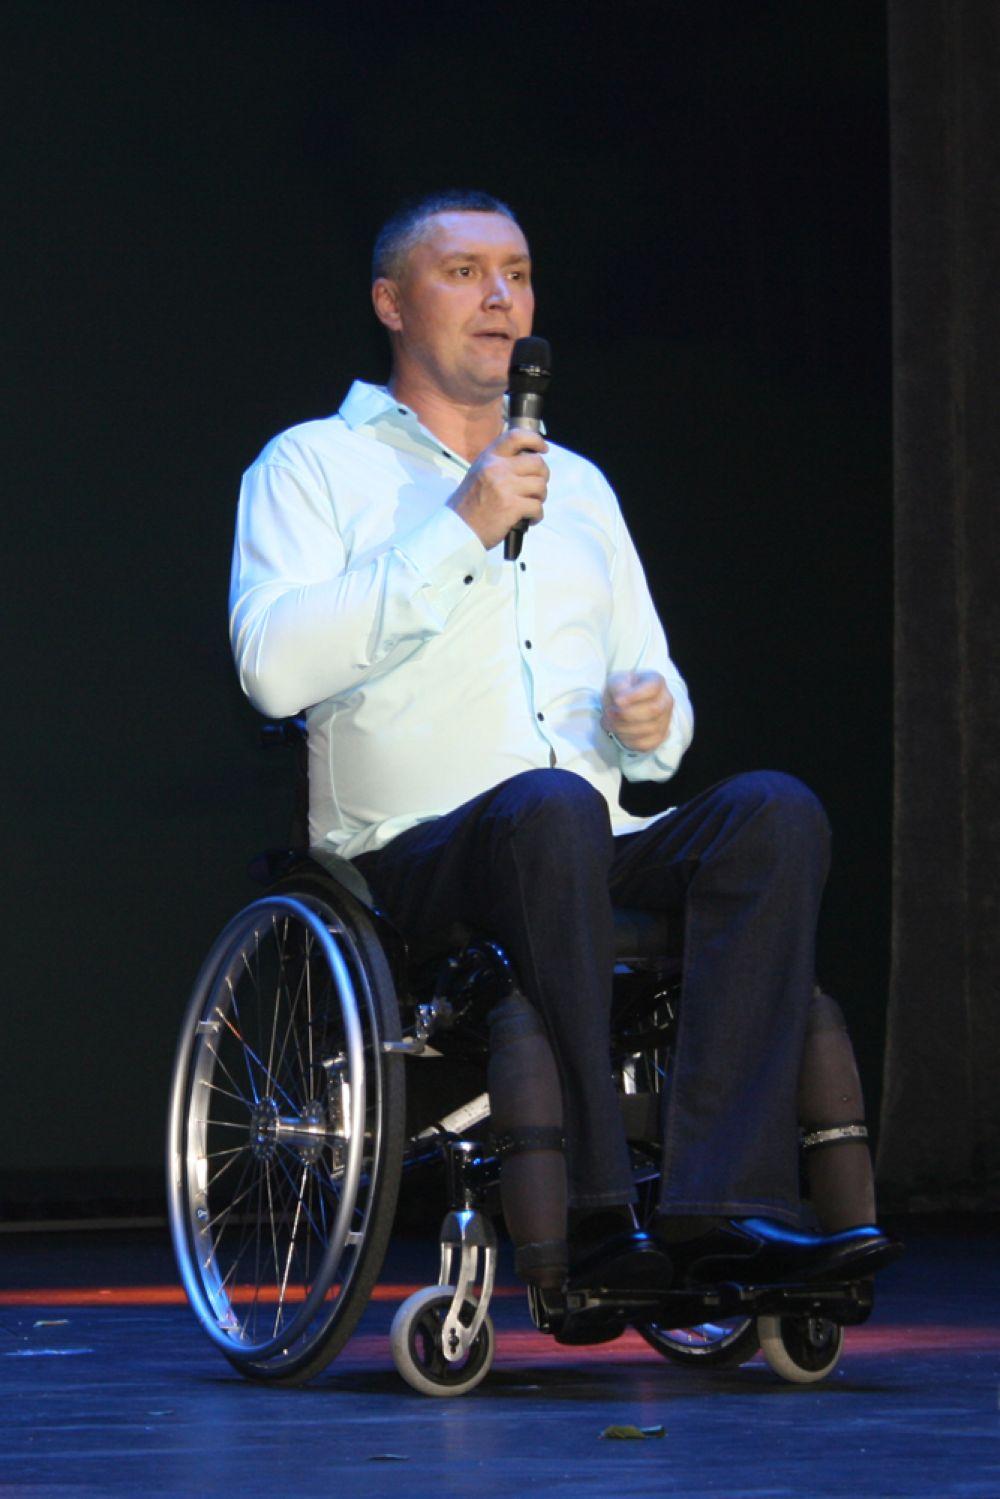 Олег Перминов – член сборной Свердловской области по керлингу на колясках, а пение – его хобби.